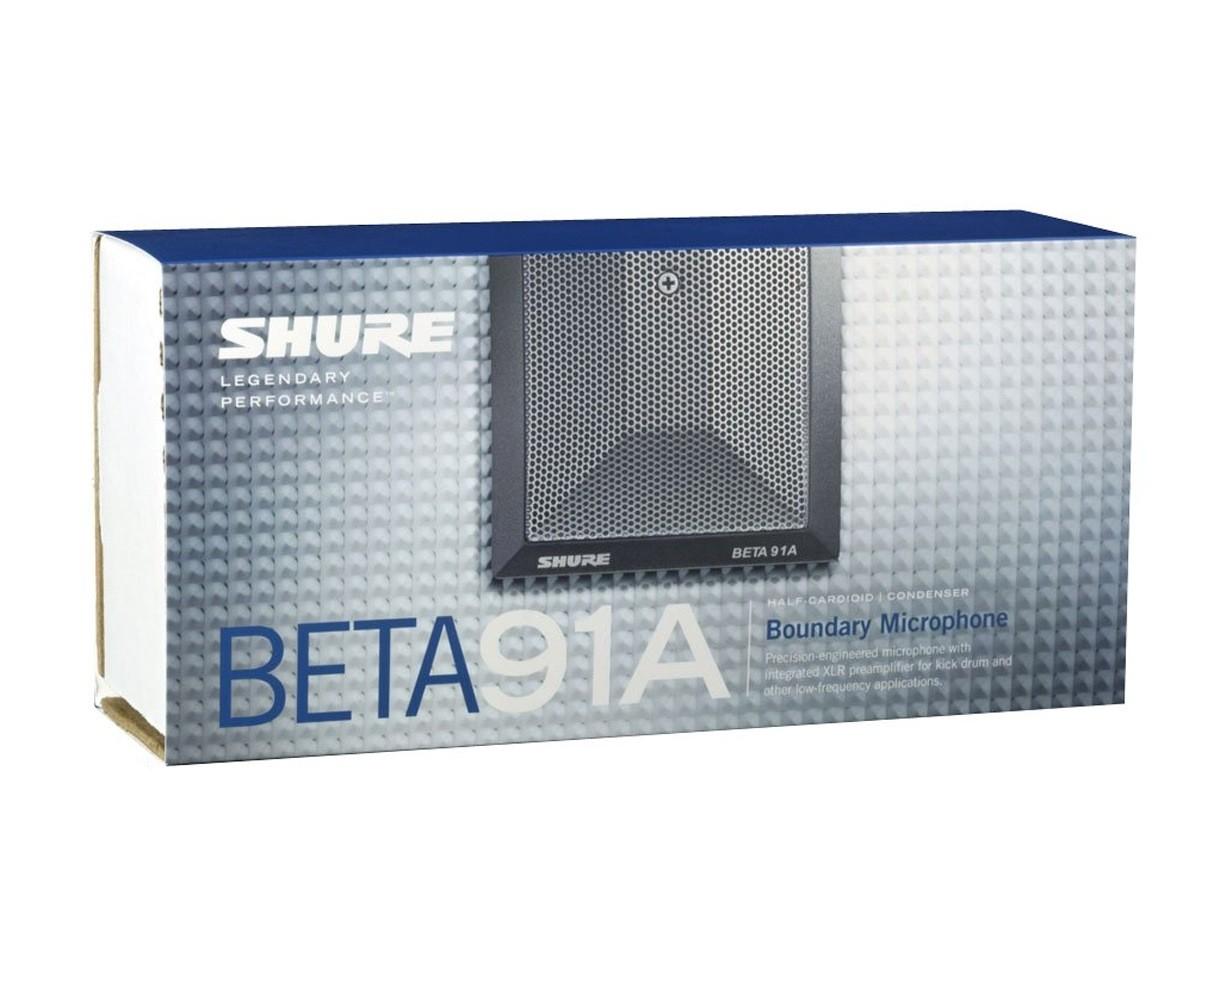 SHR-BETA91A